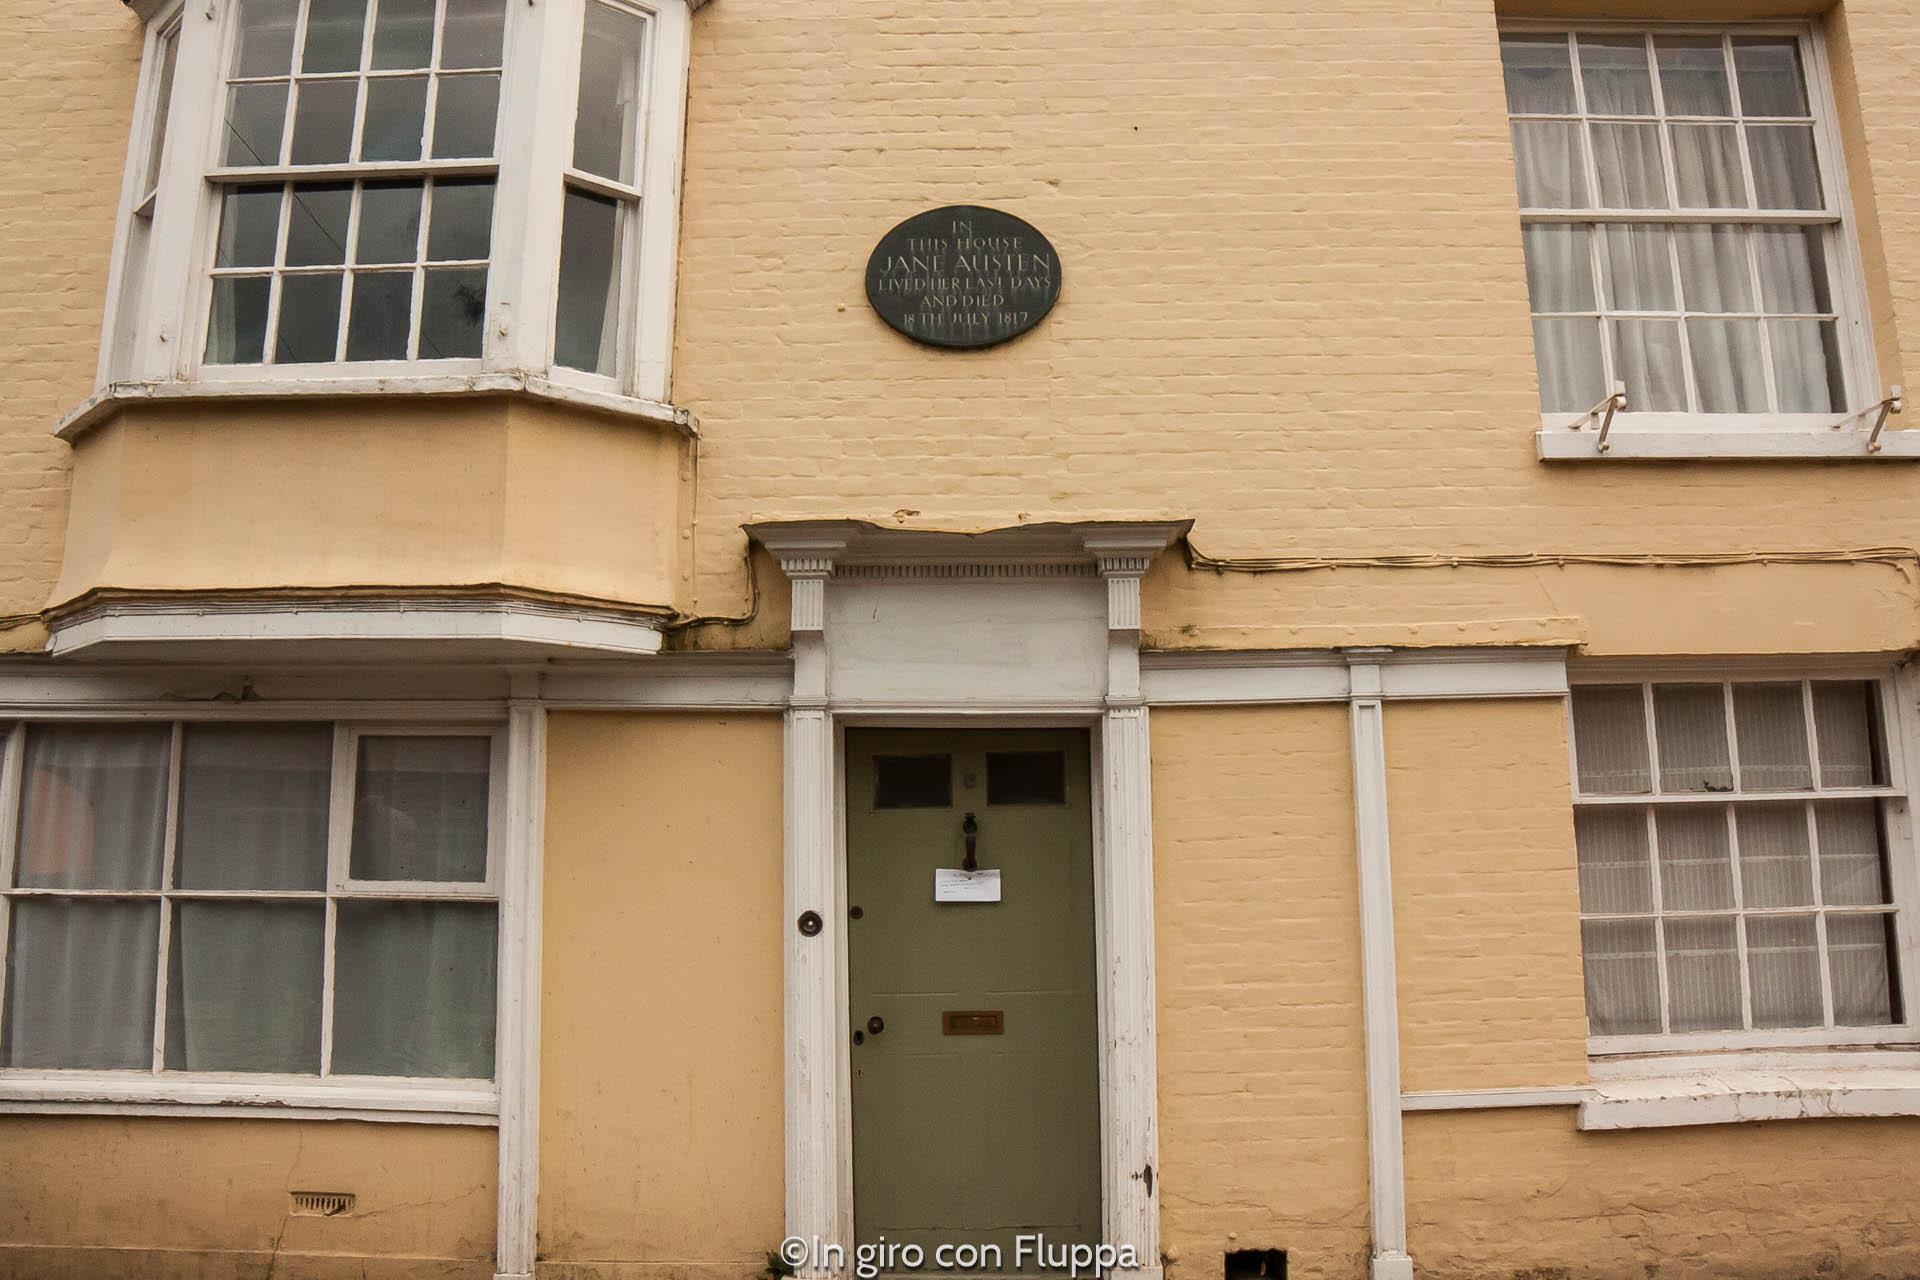 Winchester, casa di Jane Austen